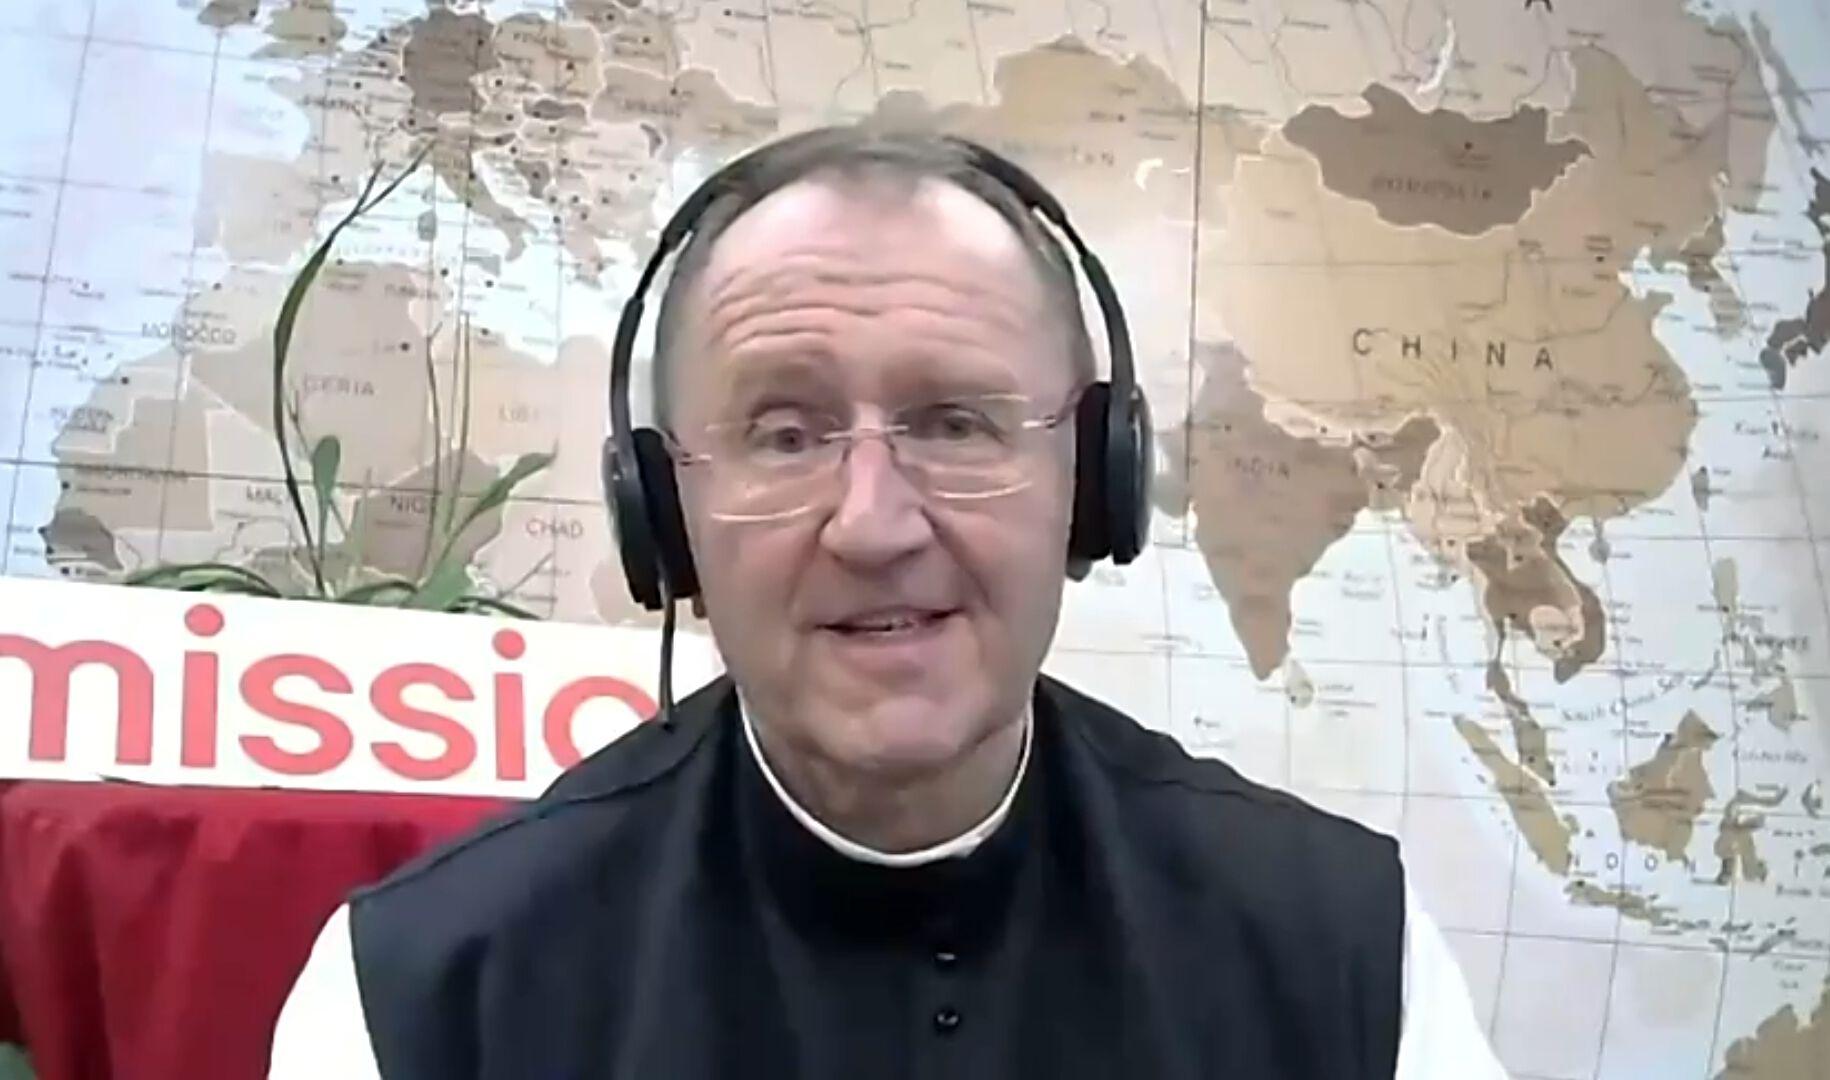 Hilfestellungen bei Corna-Krise - Pater Karl Daily